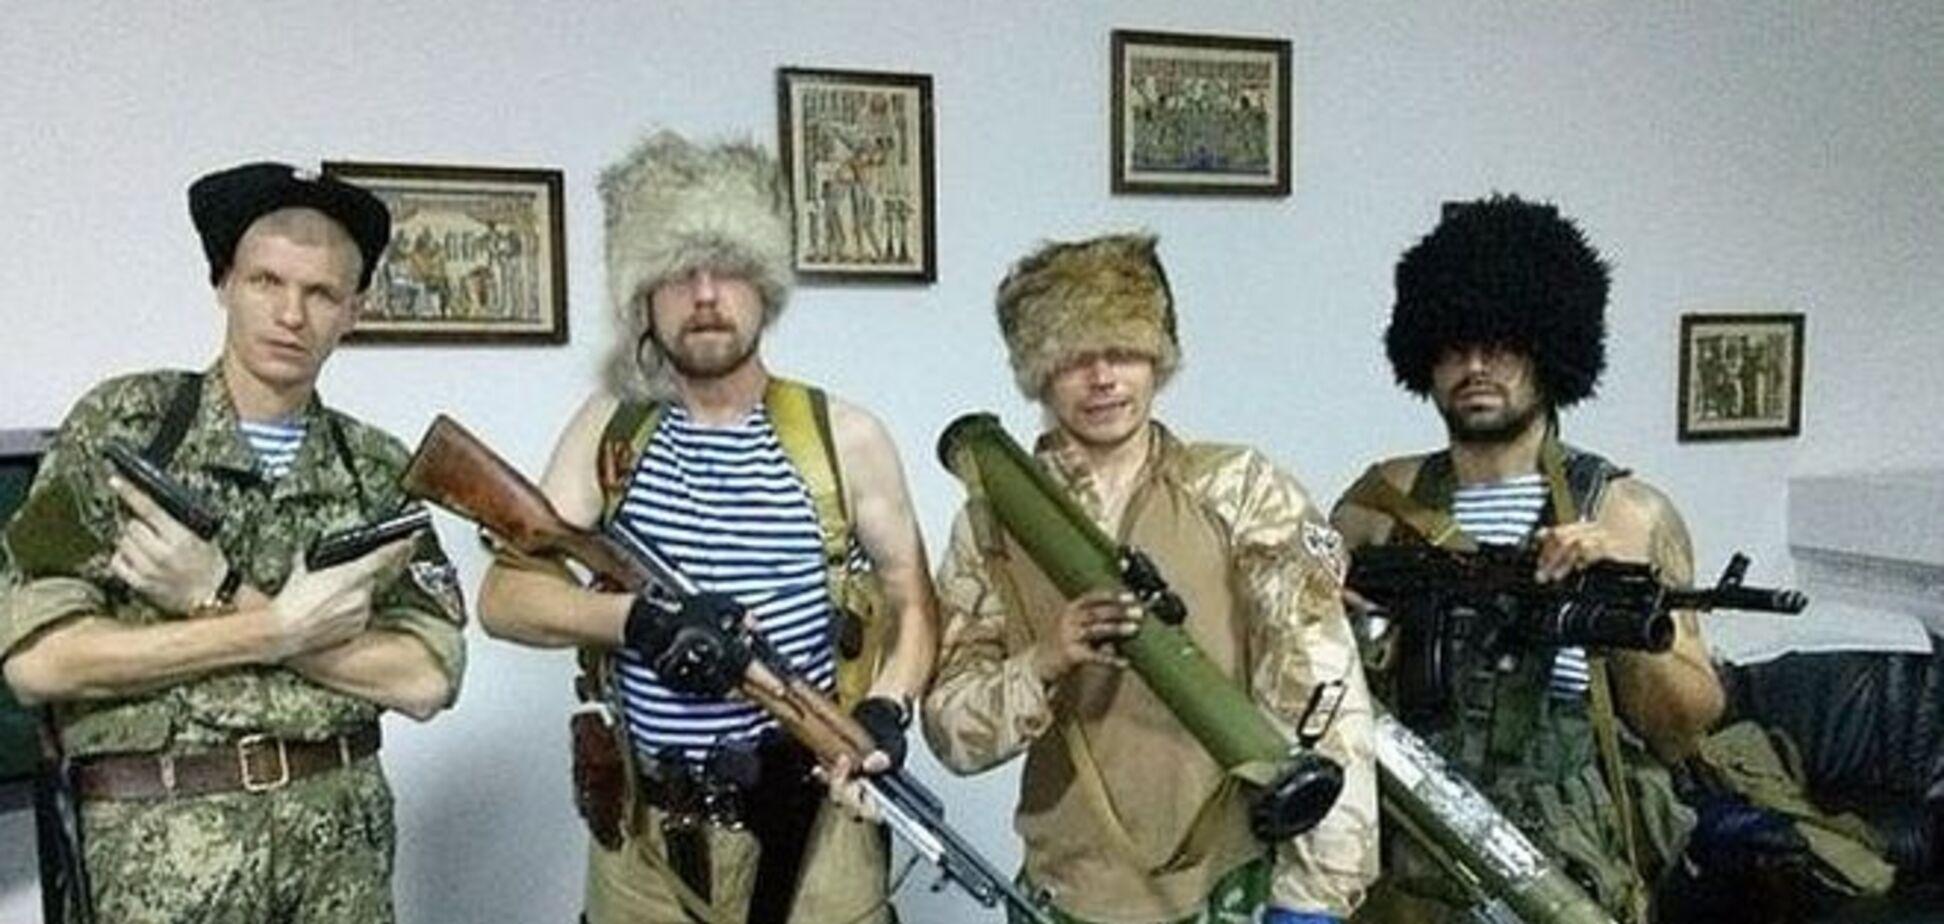 Мода 'Новороссии': опубликованы фото самых необычных нарядов террористов и их приближенных